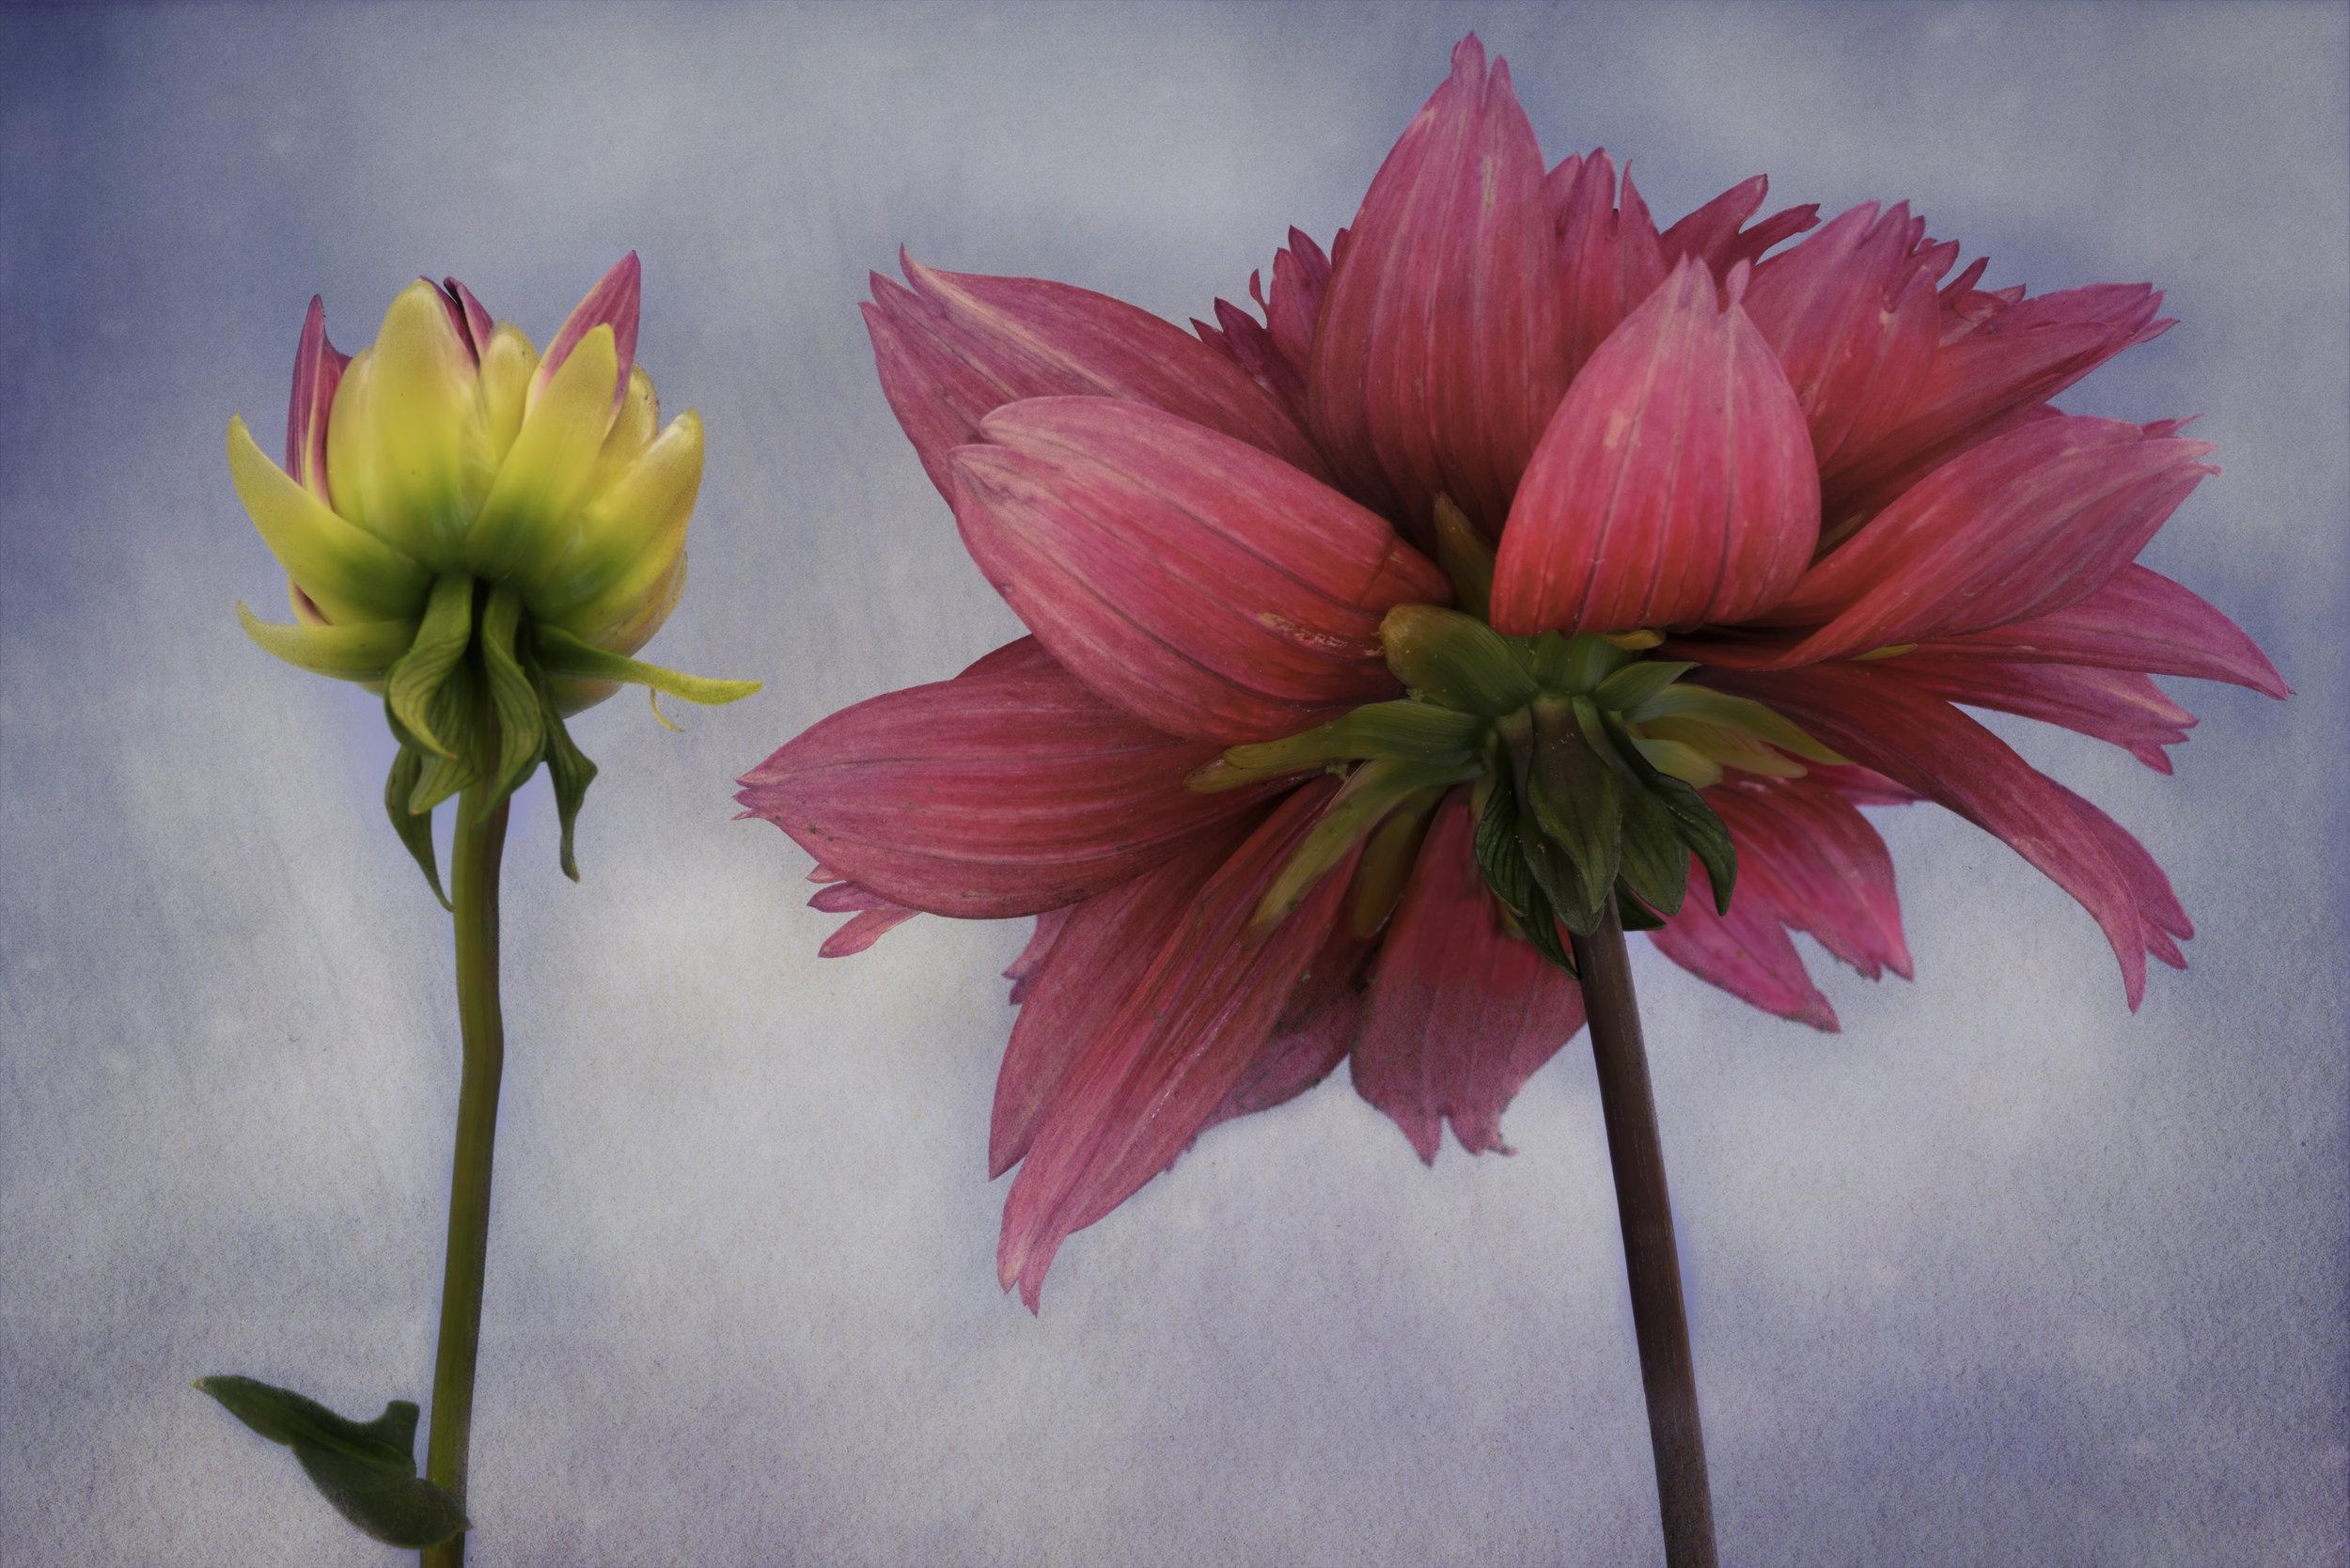 Maggie Yates Flowers-24.jpg